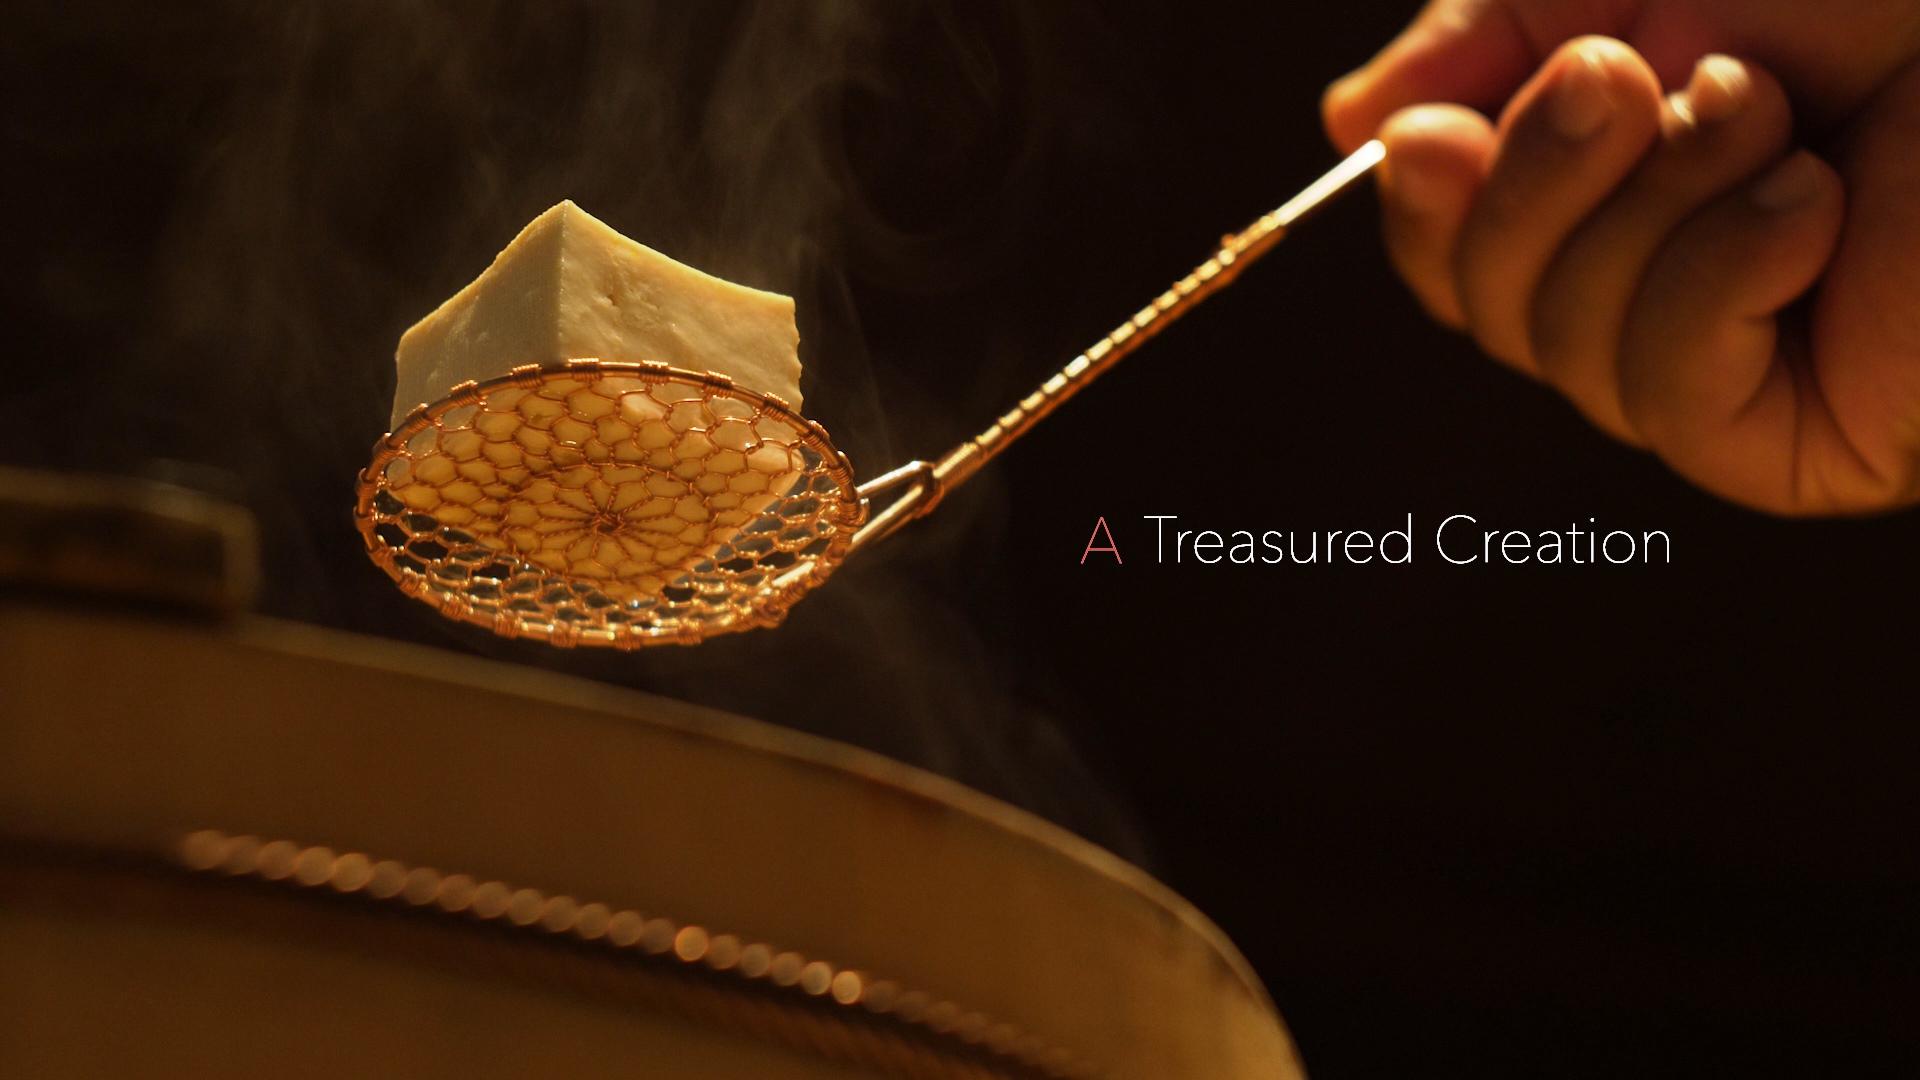 【11月14日放送】NHKワールドJAPAN 「A Treasured Creation」